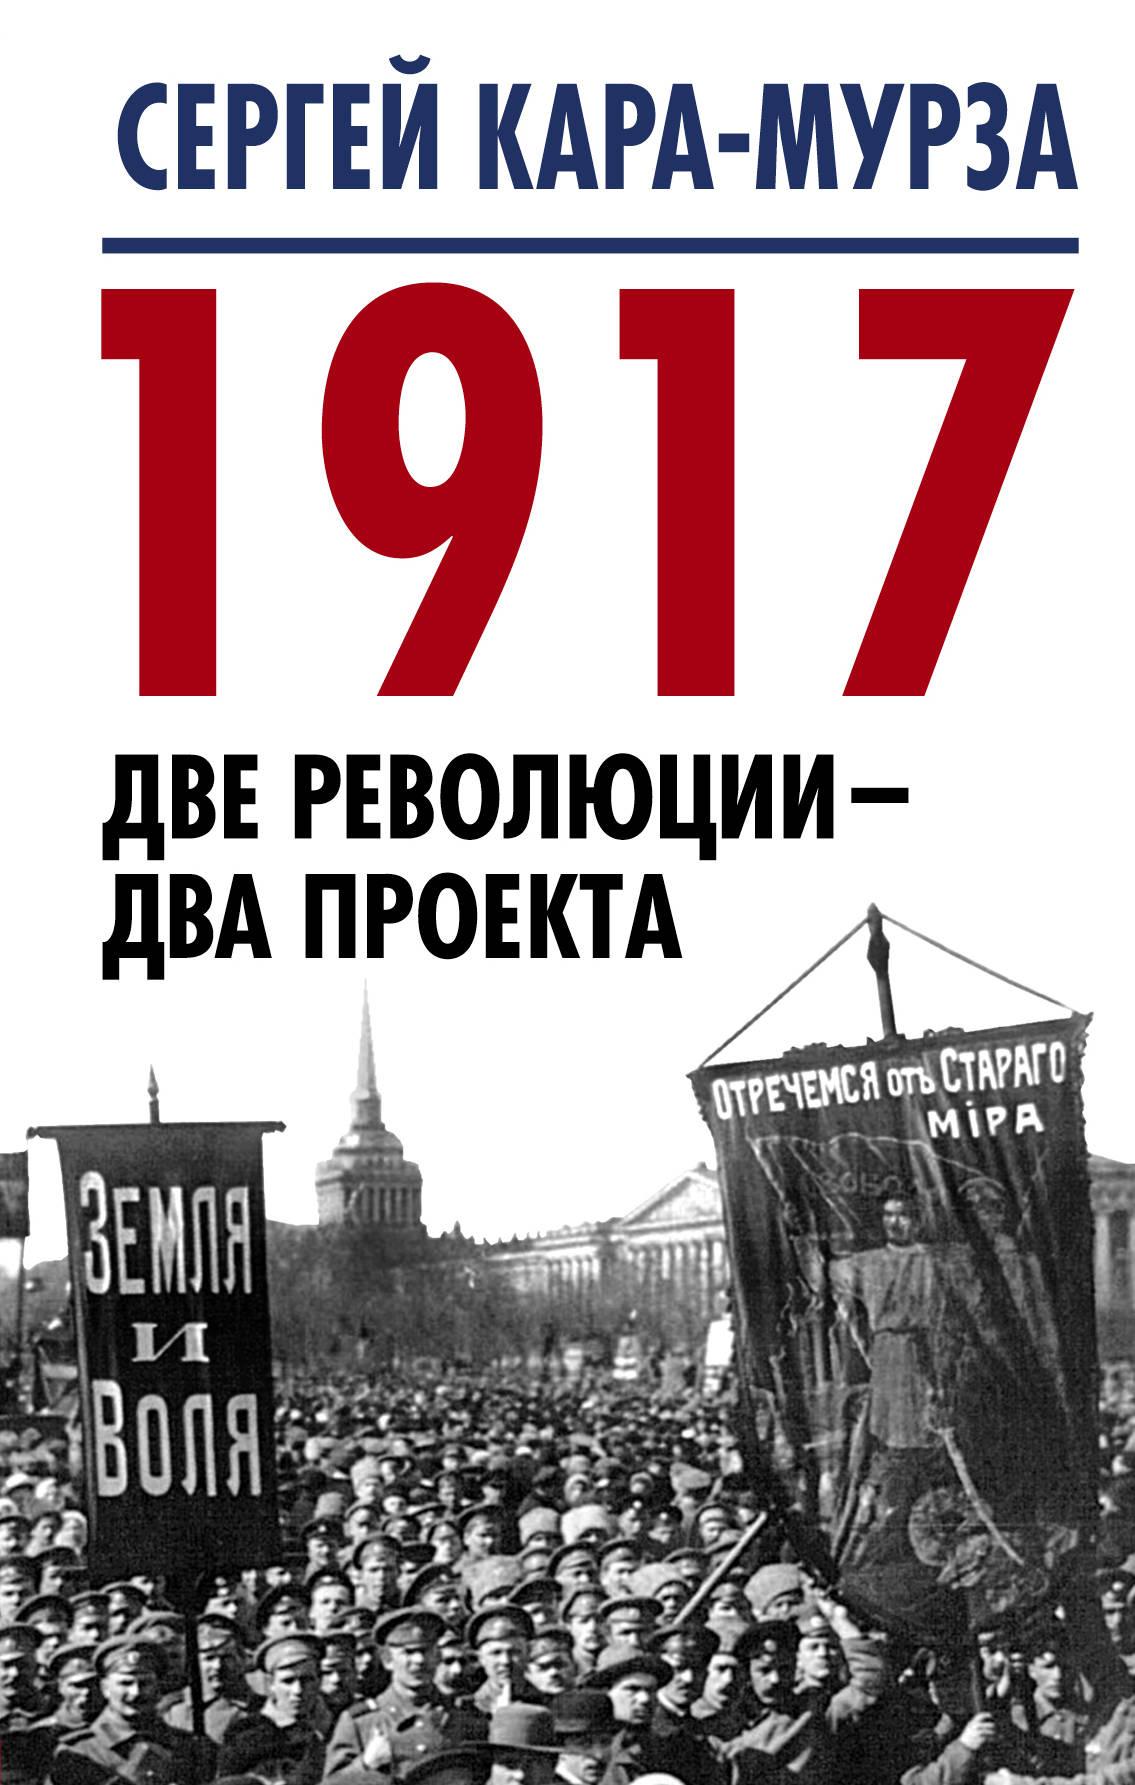 Сергей Кара-Мурза 1917. Две революции - два проекта